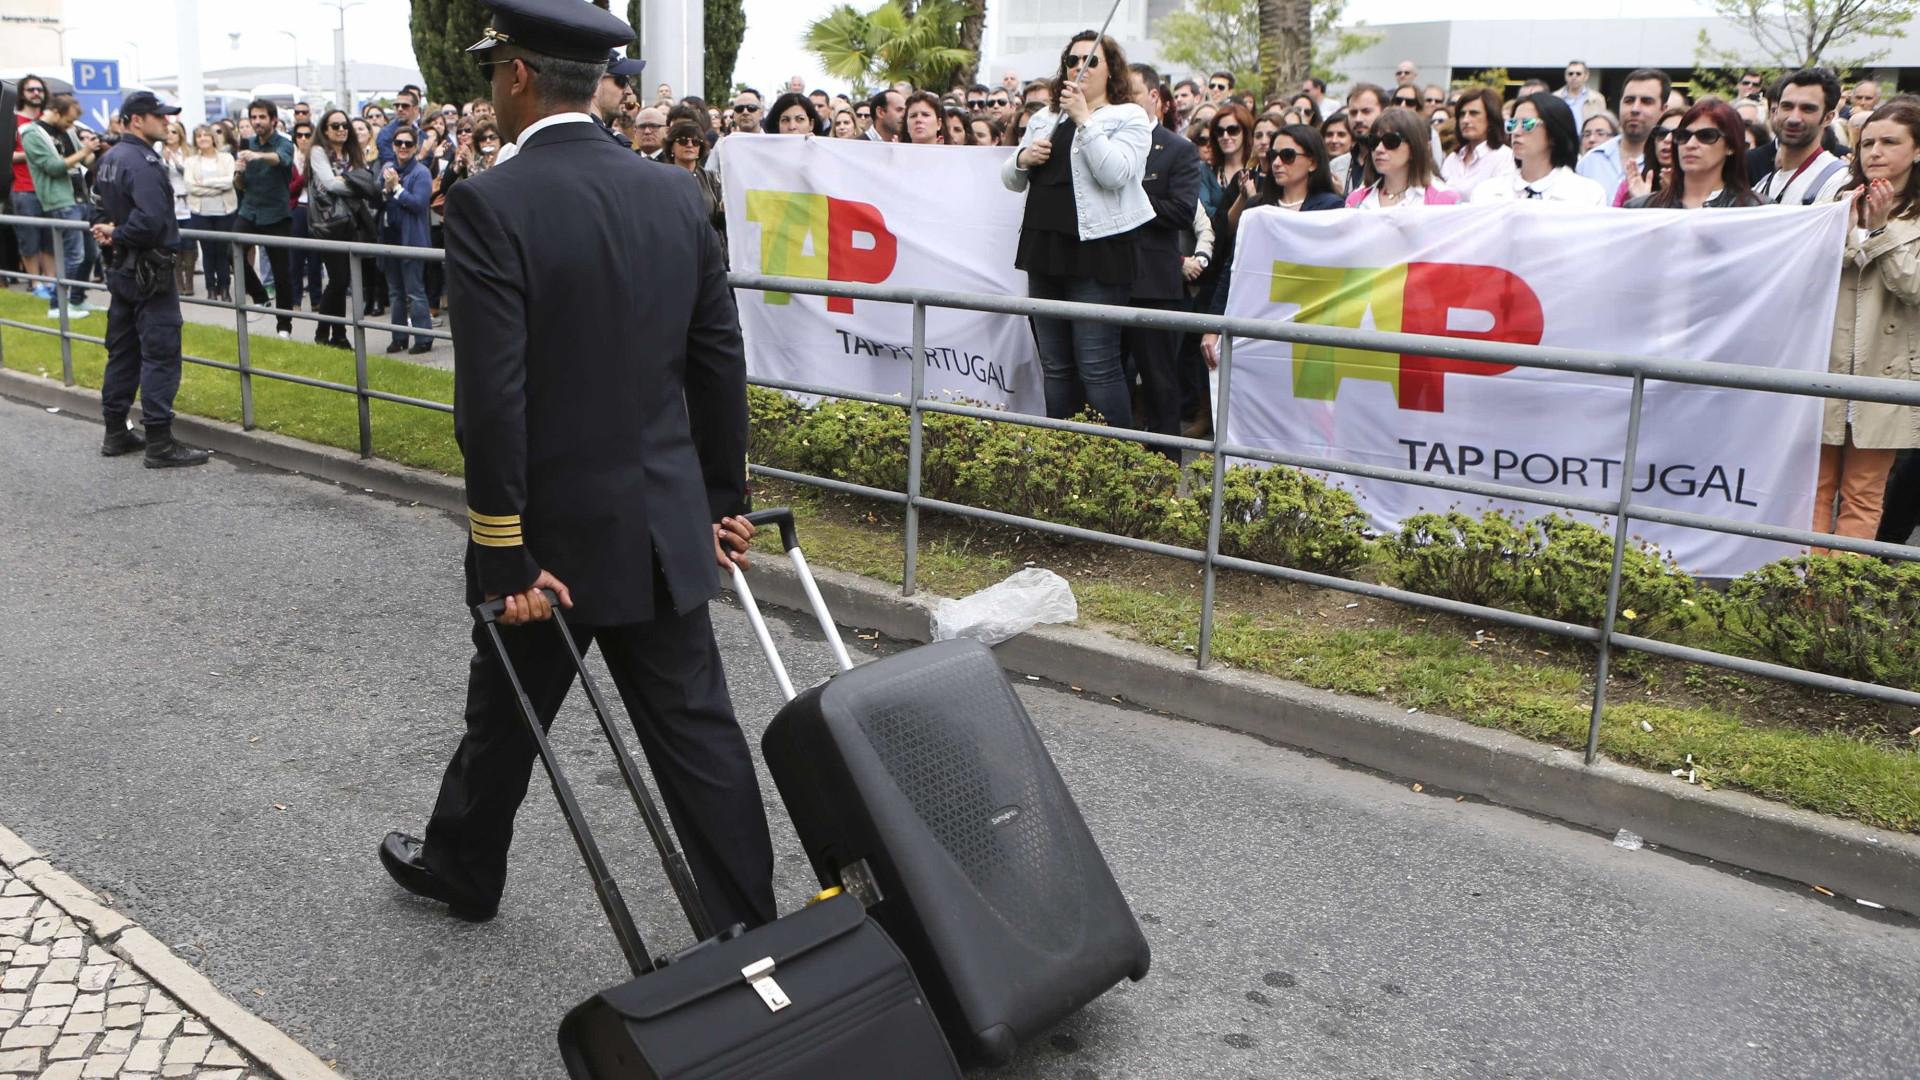 Sindicato ameaça com greves no Verão se TAP não rever salários